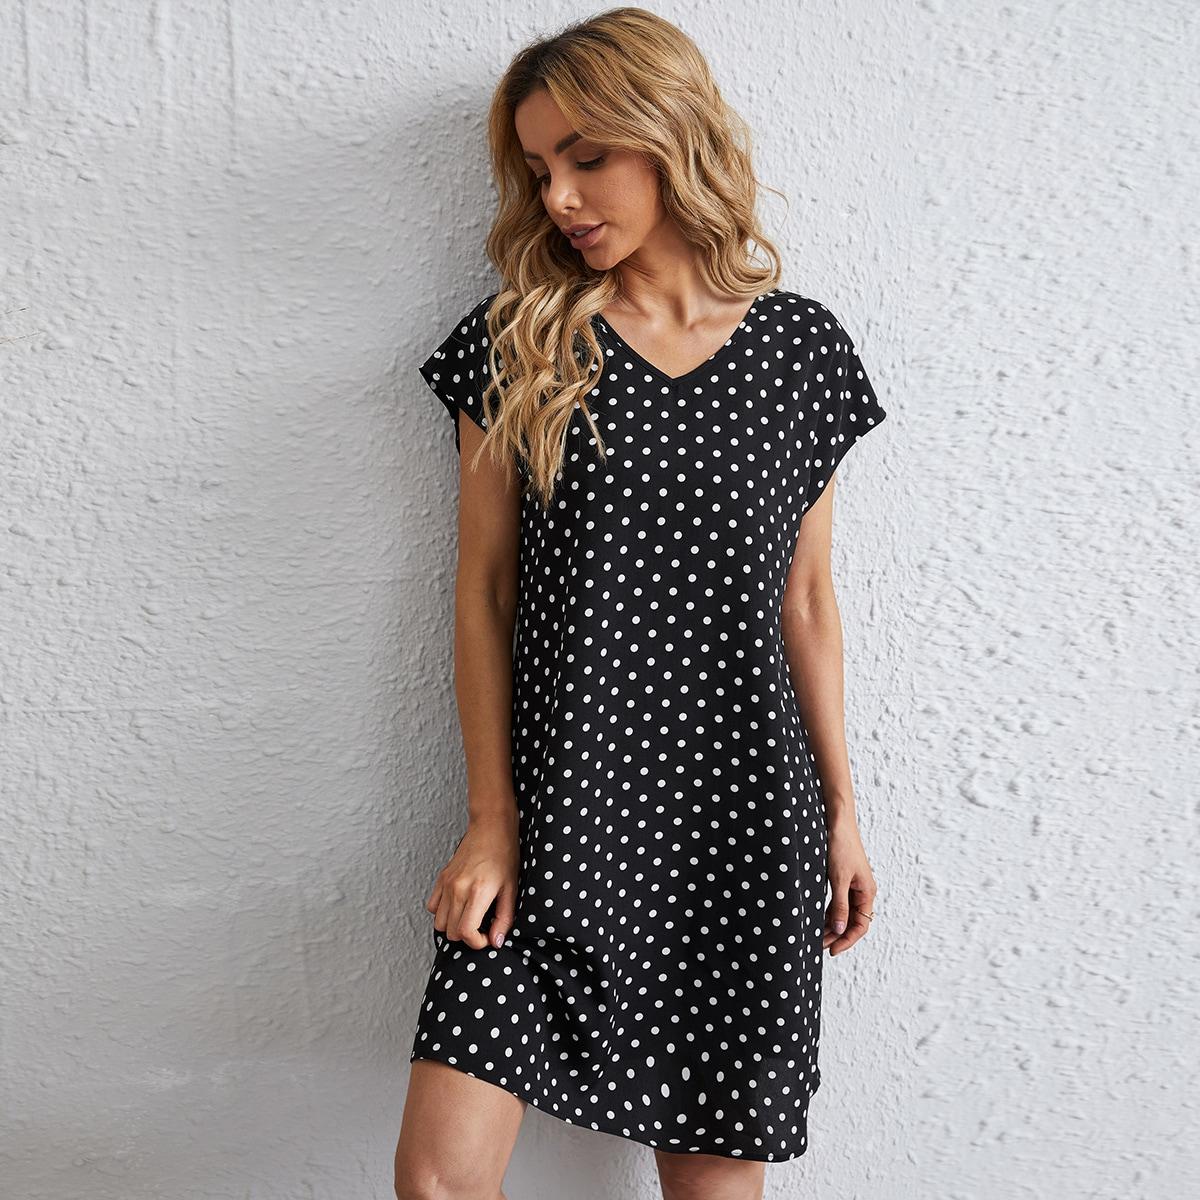 Платье в горошек SheIn swdress07210225015